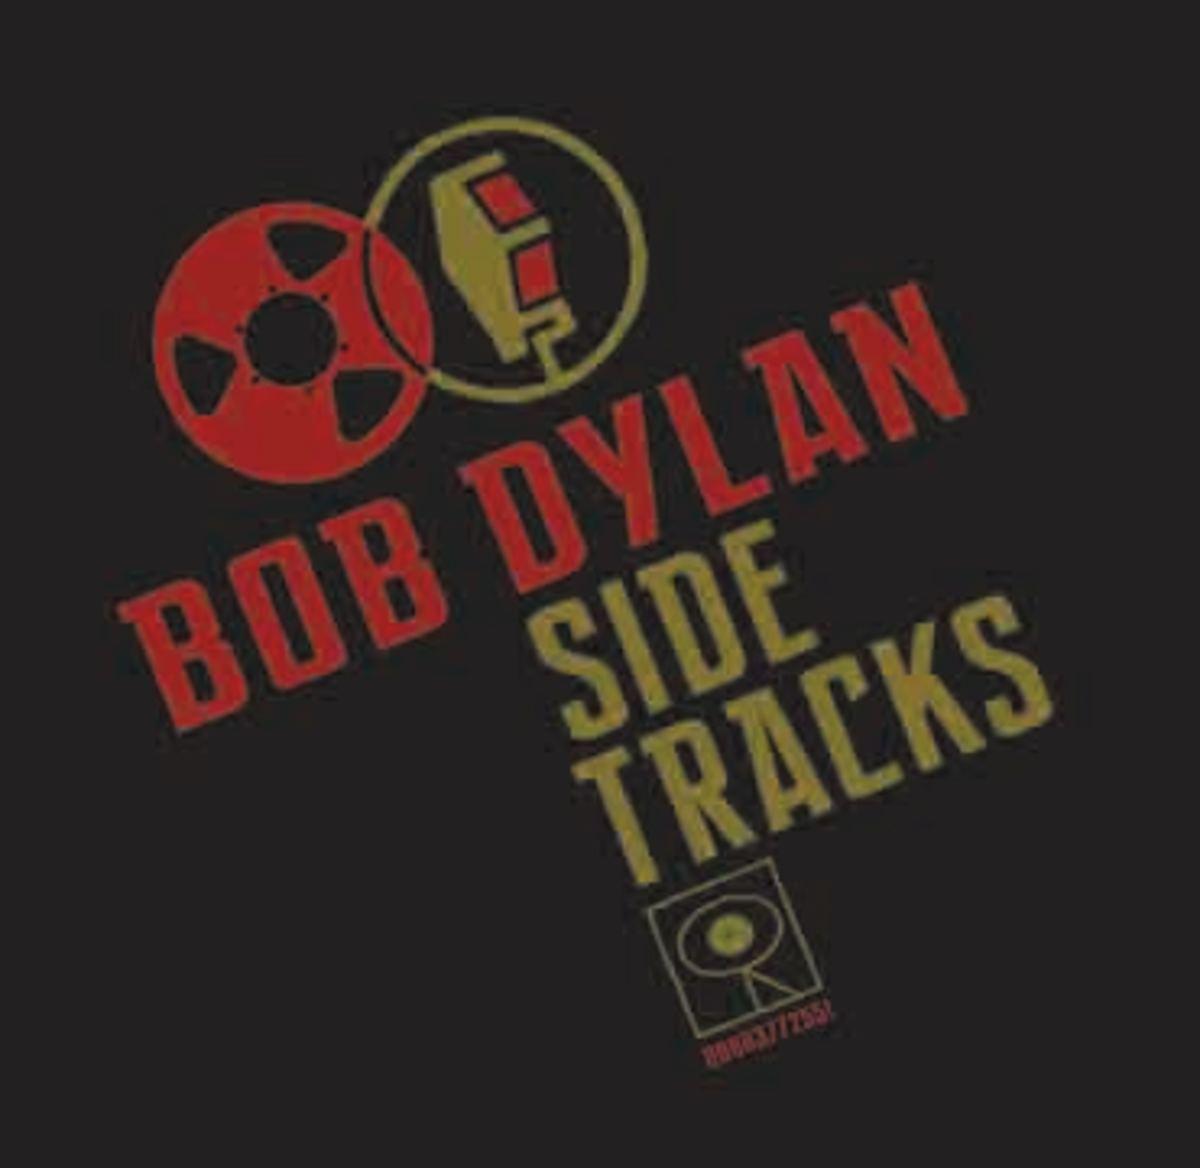 Bob Dylan Side Tracks Back to Black Friday